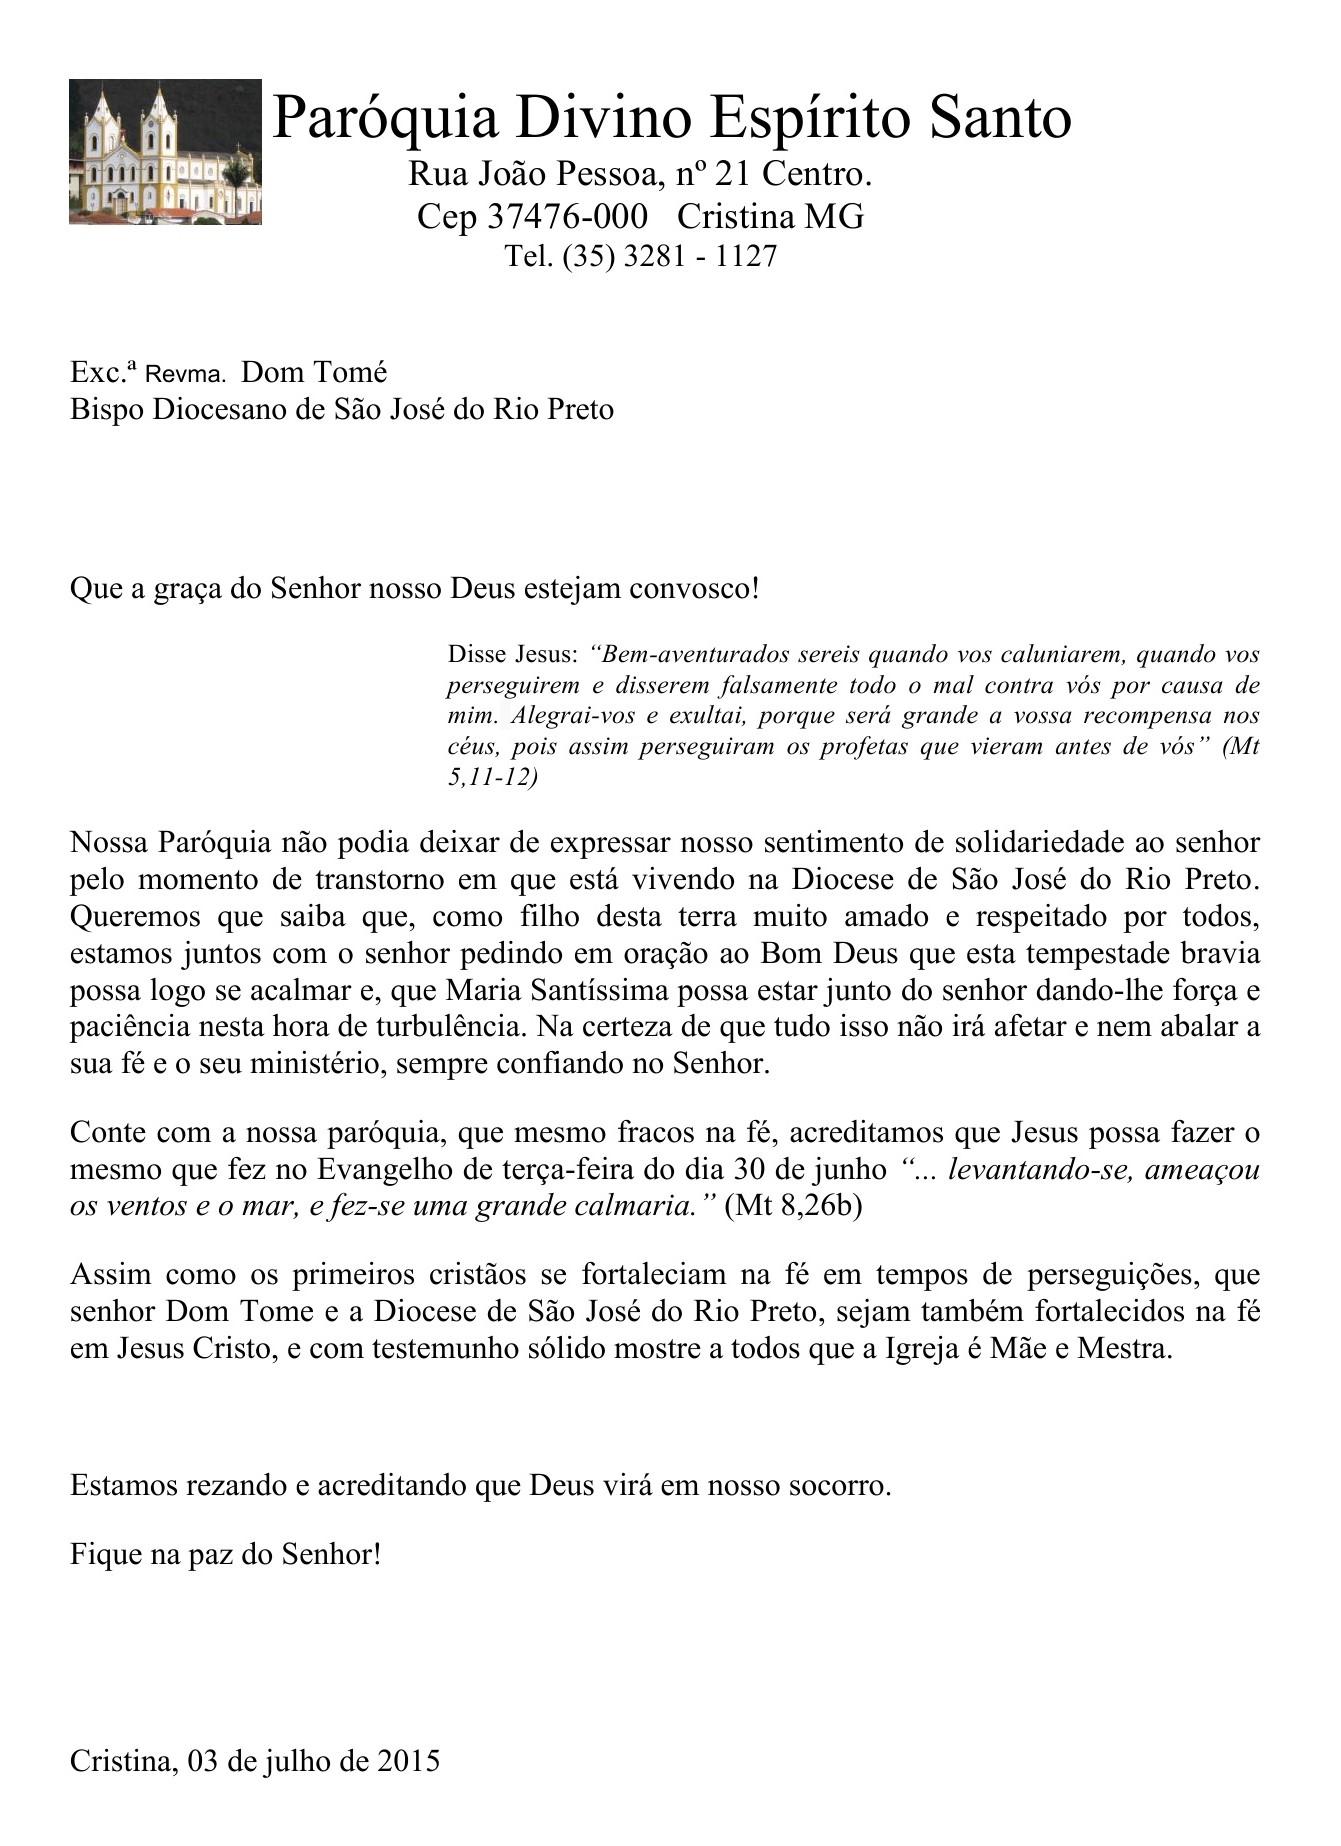 Carta em apoio a Dom Tomé